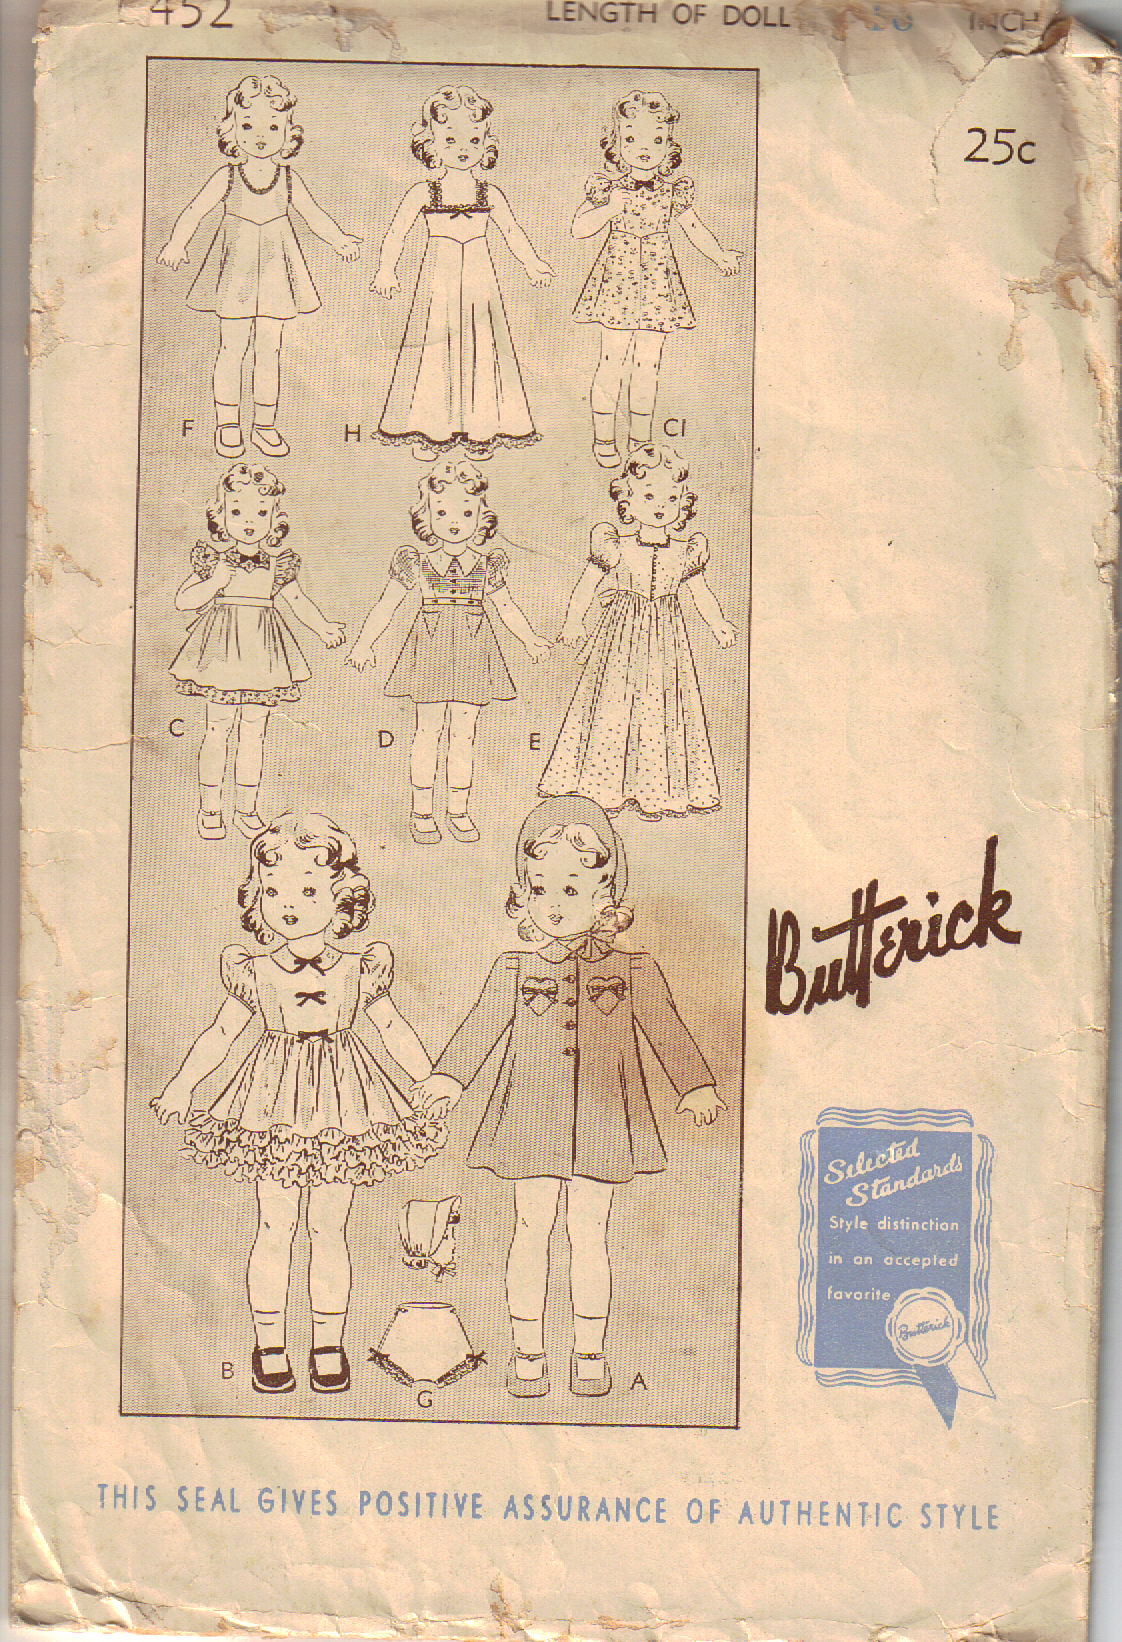 Butterick 452